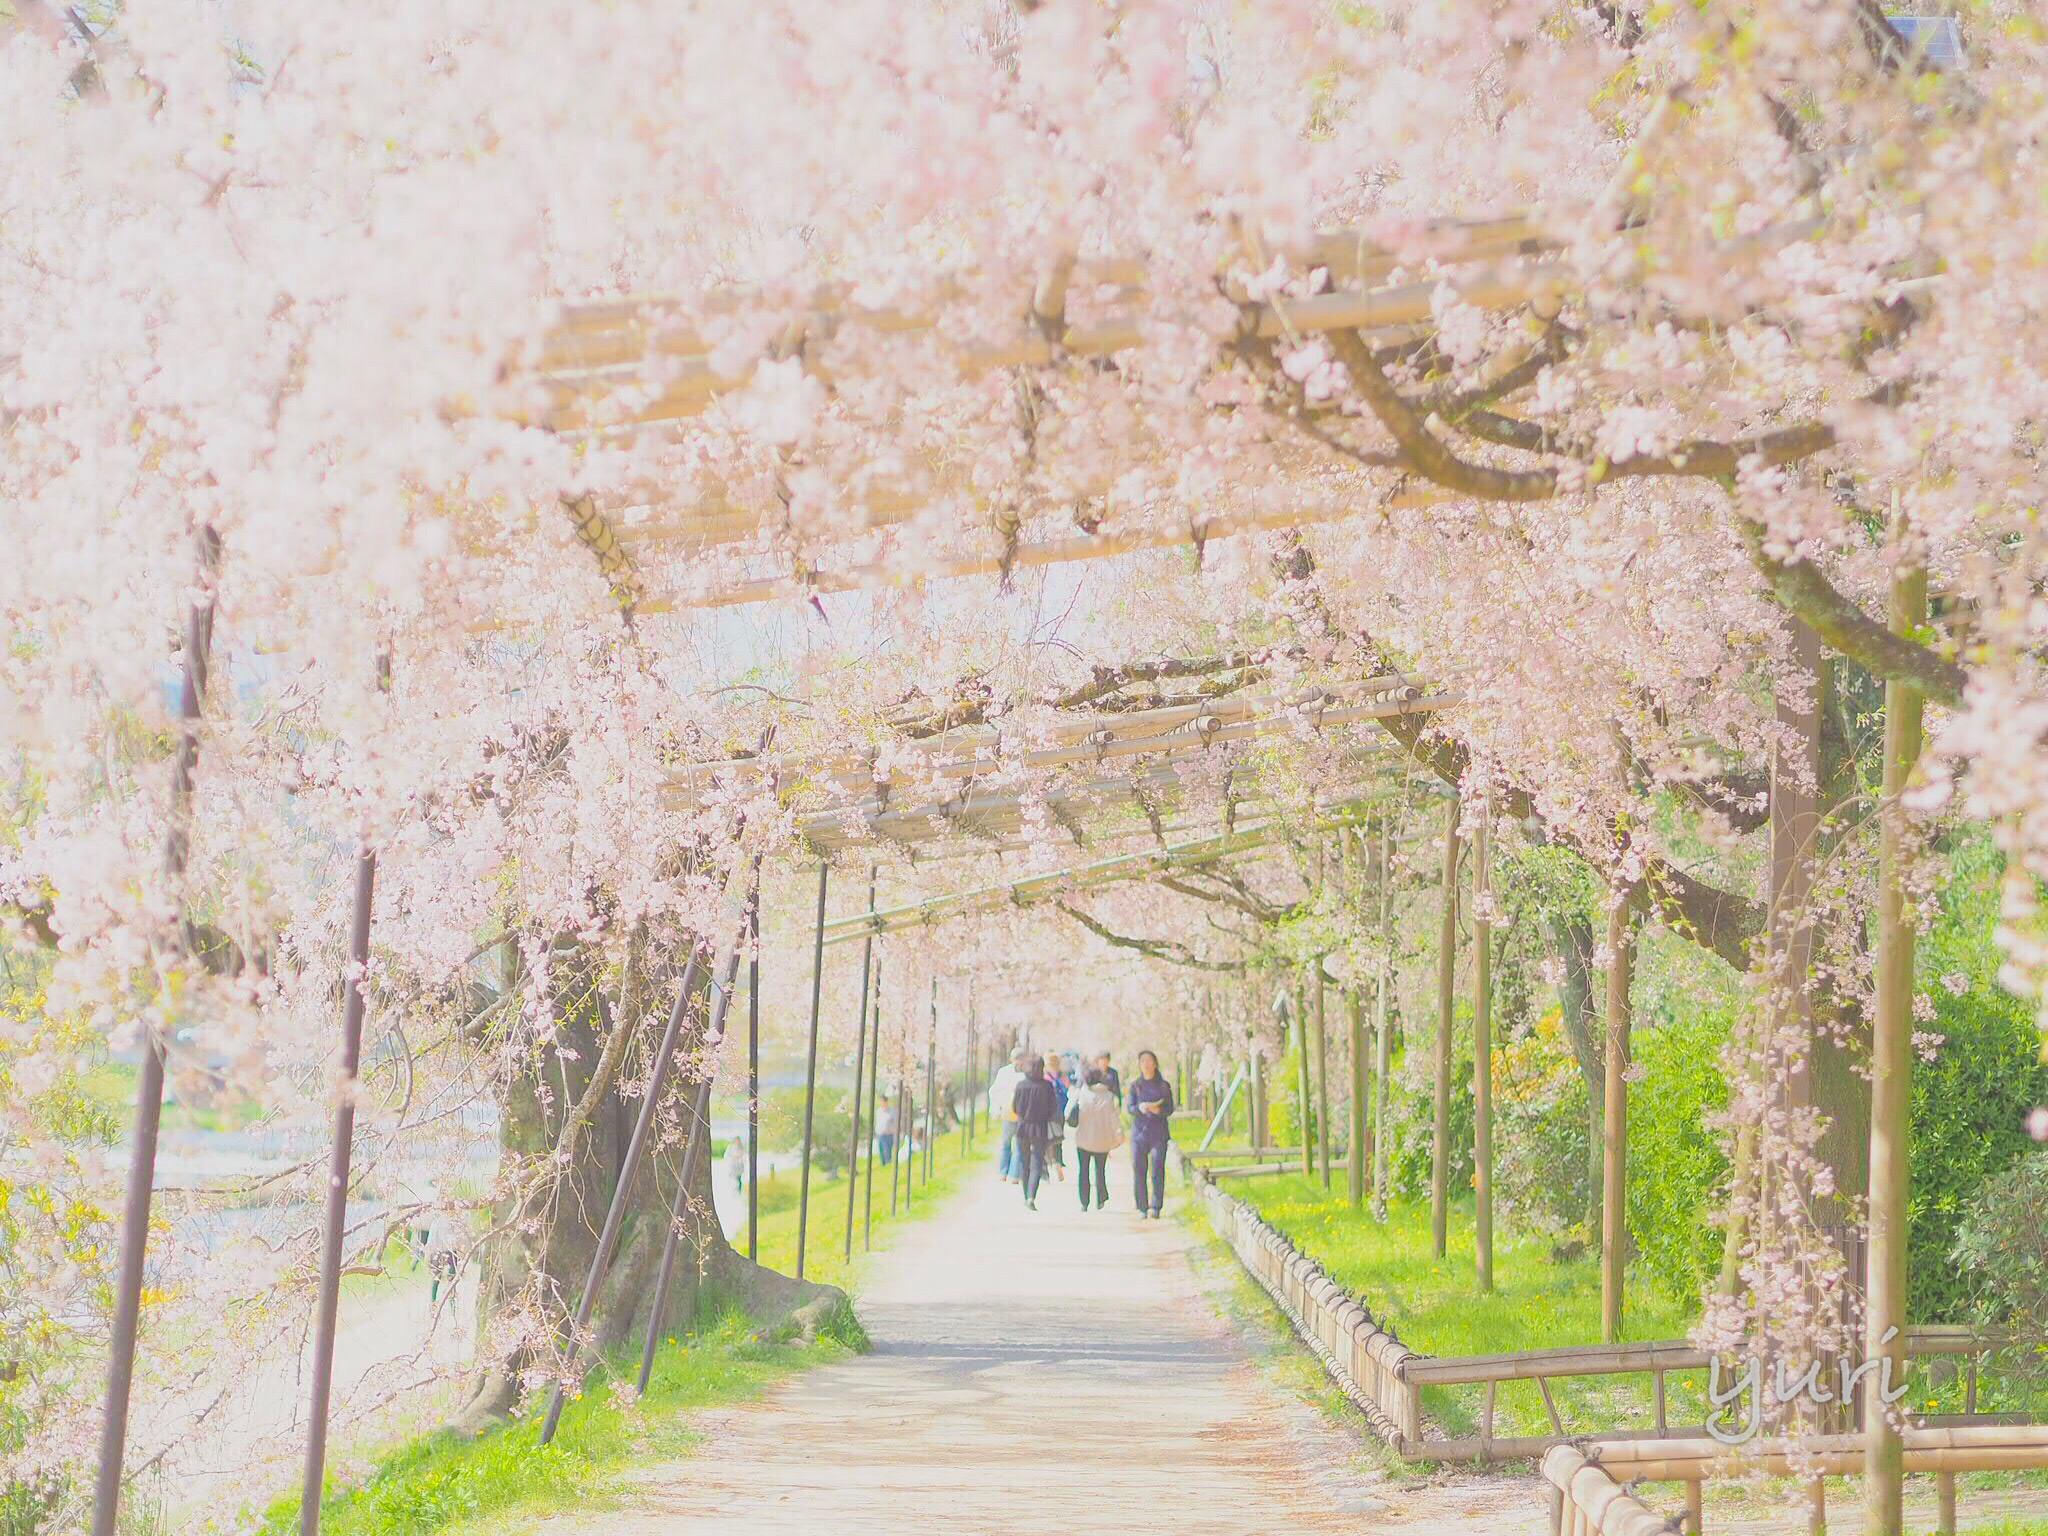 桜あふれる半木の道で春散歩